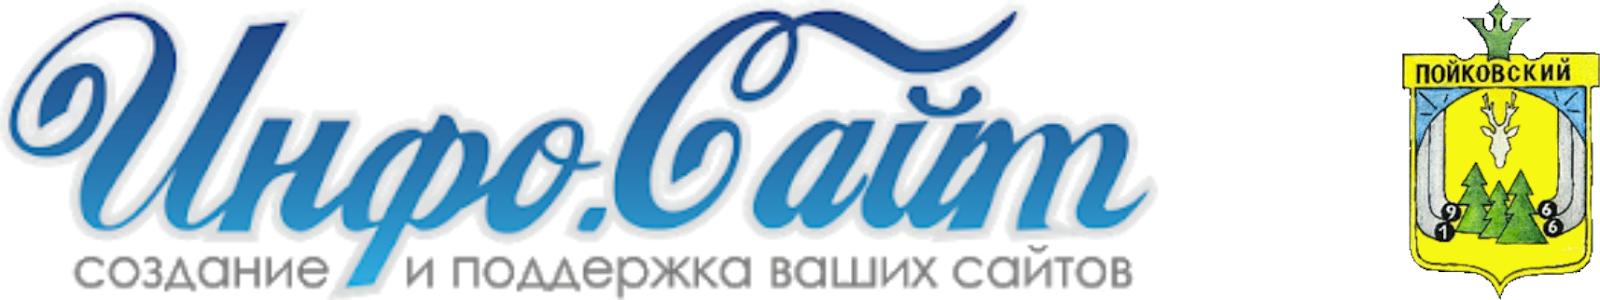 Пойковский 🌍 Новости : Информационный агрегатор Инфо-Сайт